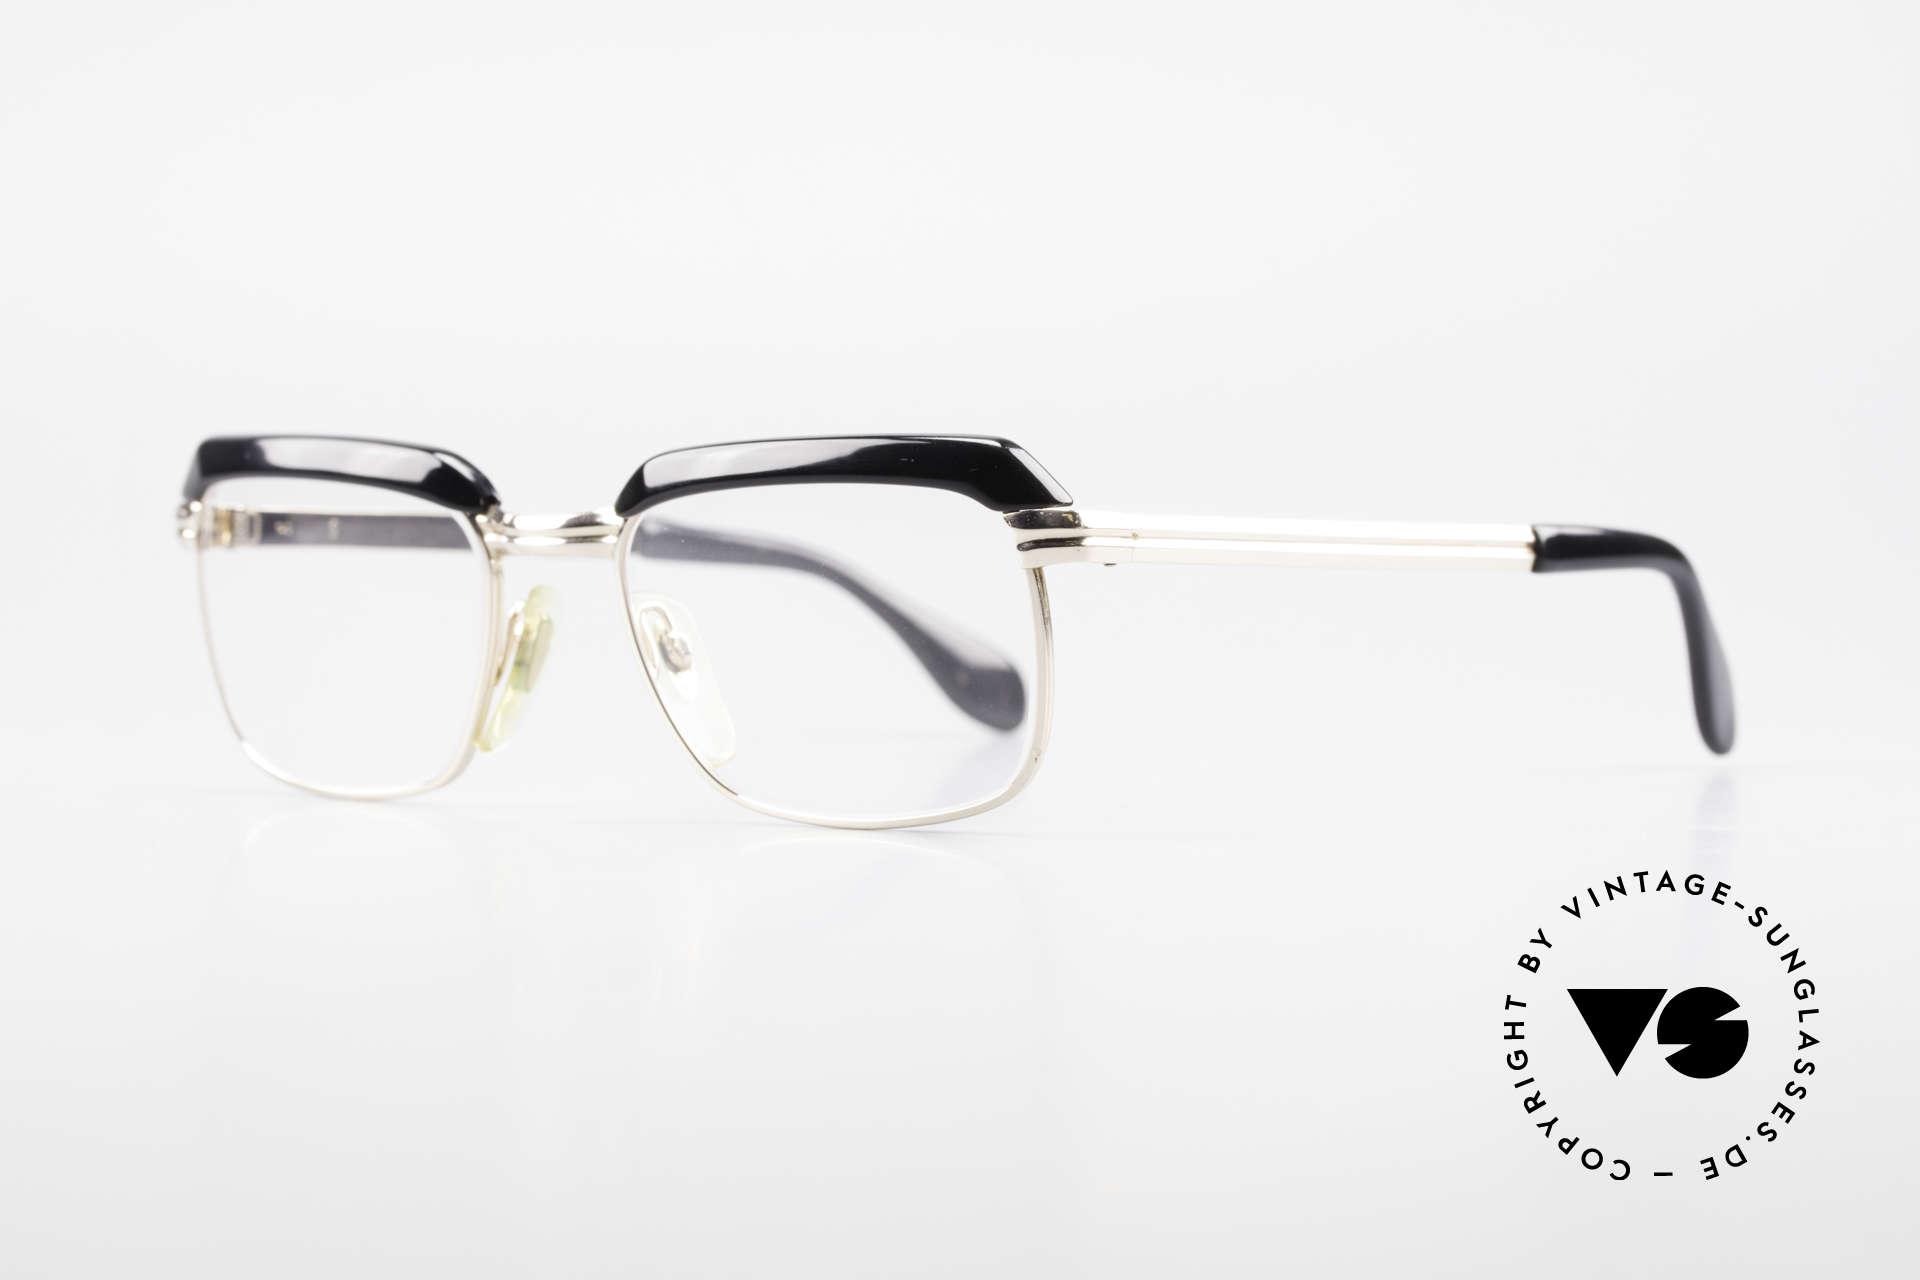 Metzler JK 60er Jahre Golddoublé Brille, 1/10 des Metalls sind 12kt Gold (Wahnsinns-Qualität), Passend für Herren